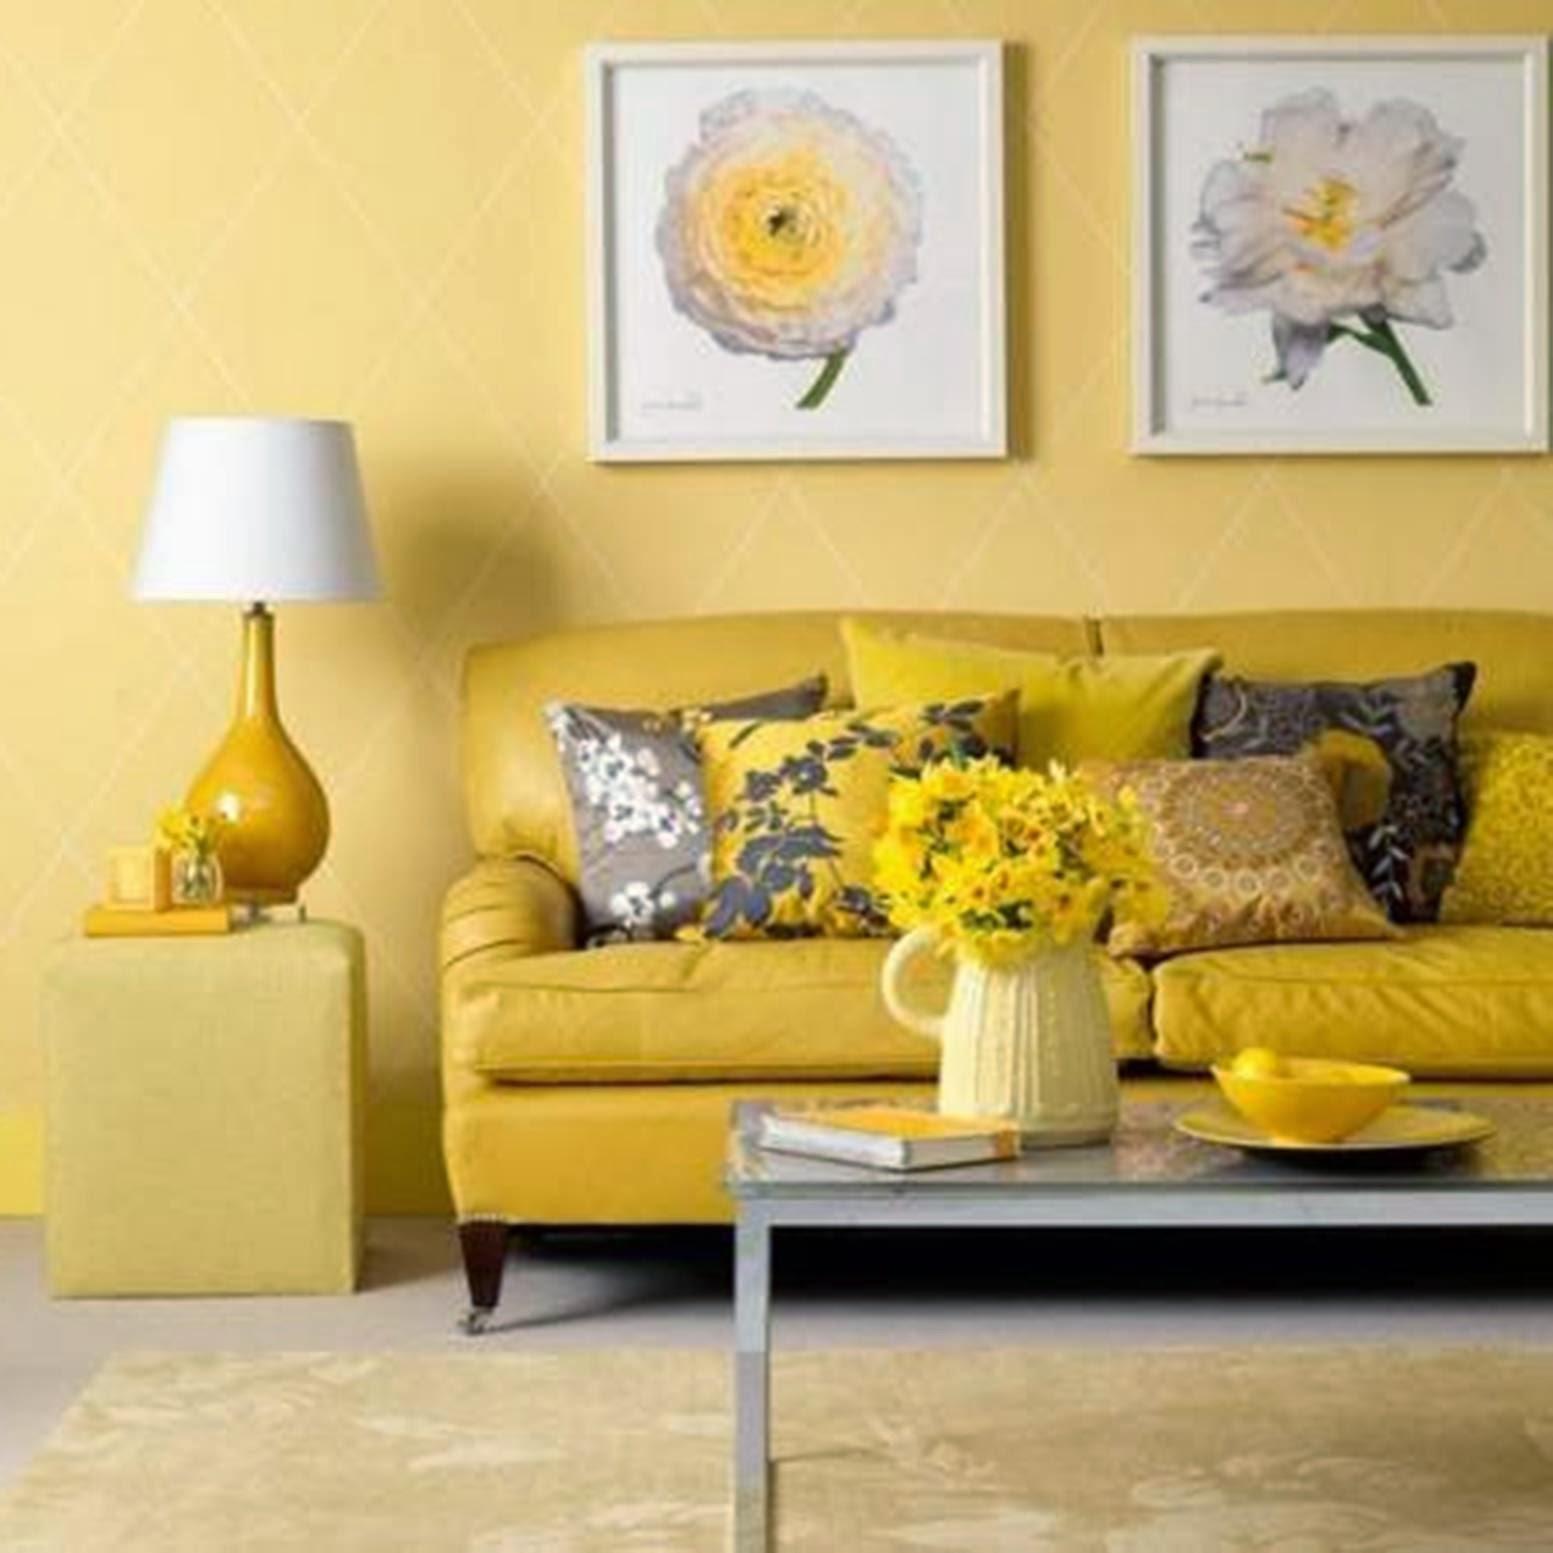 Designdecoranddisha.blogspot.com